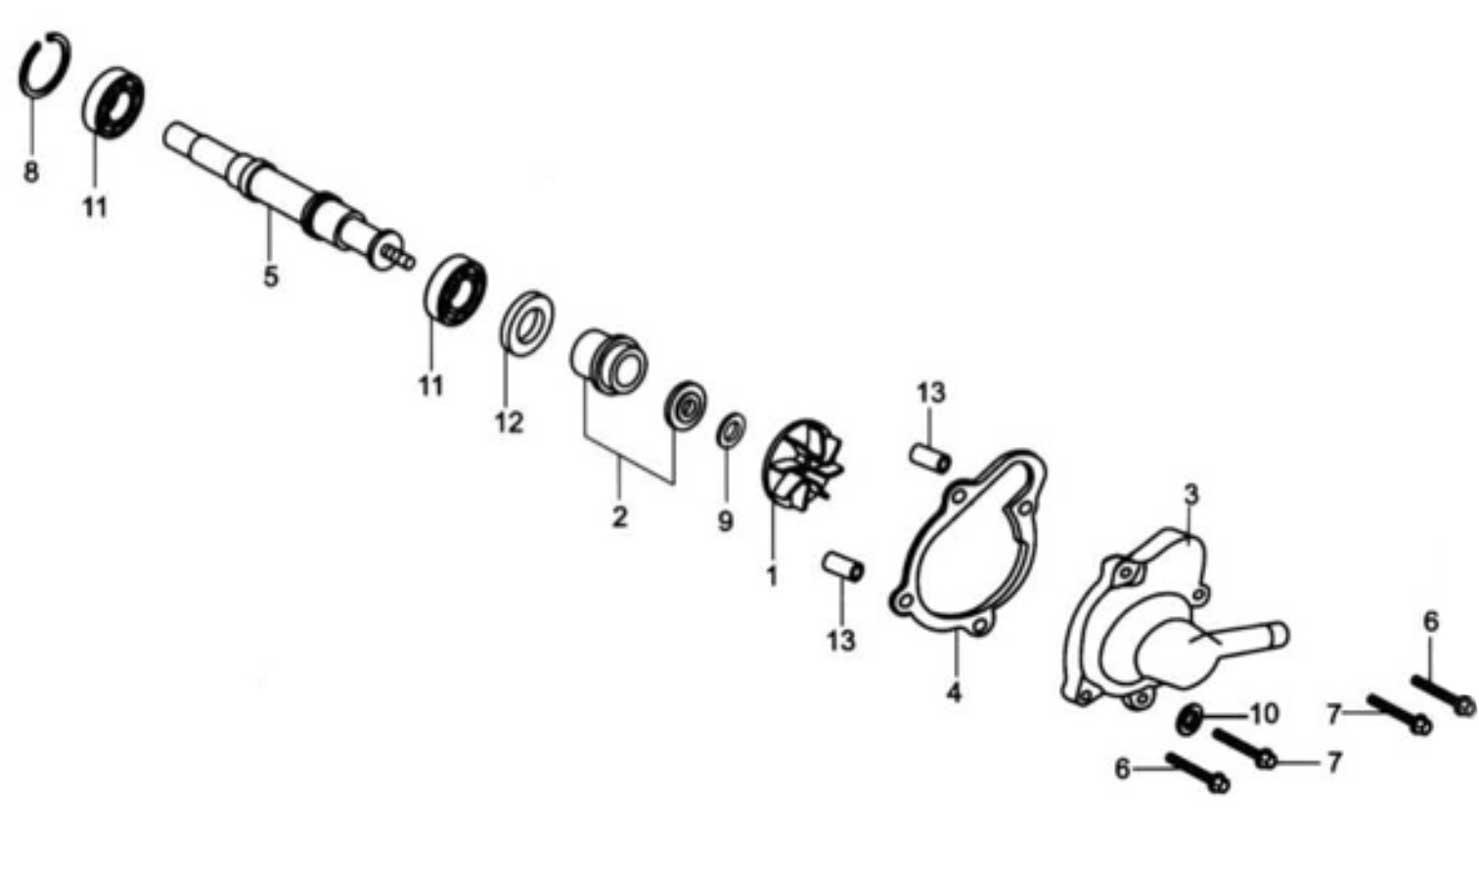 Baja Motorsports Dune 150 Wiring Diagram : 40 Wiring